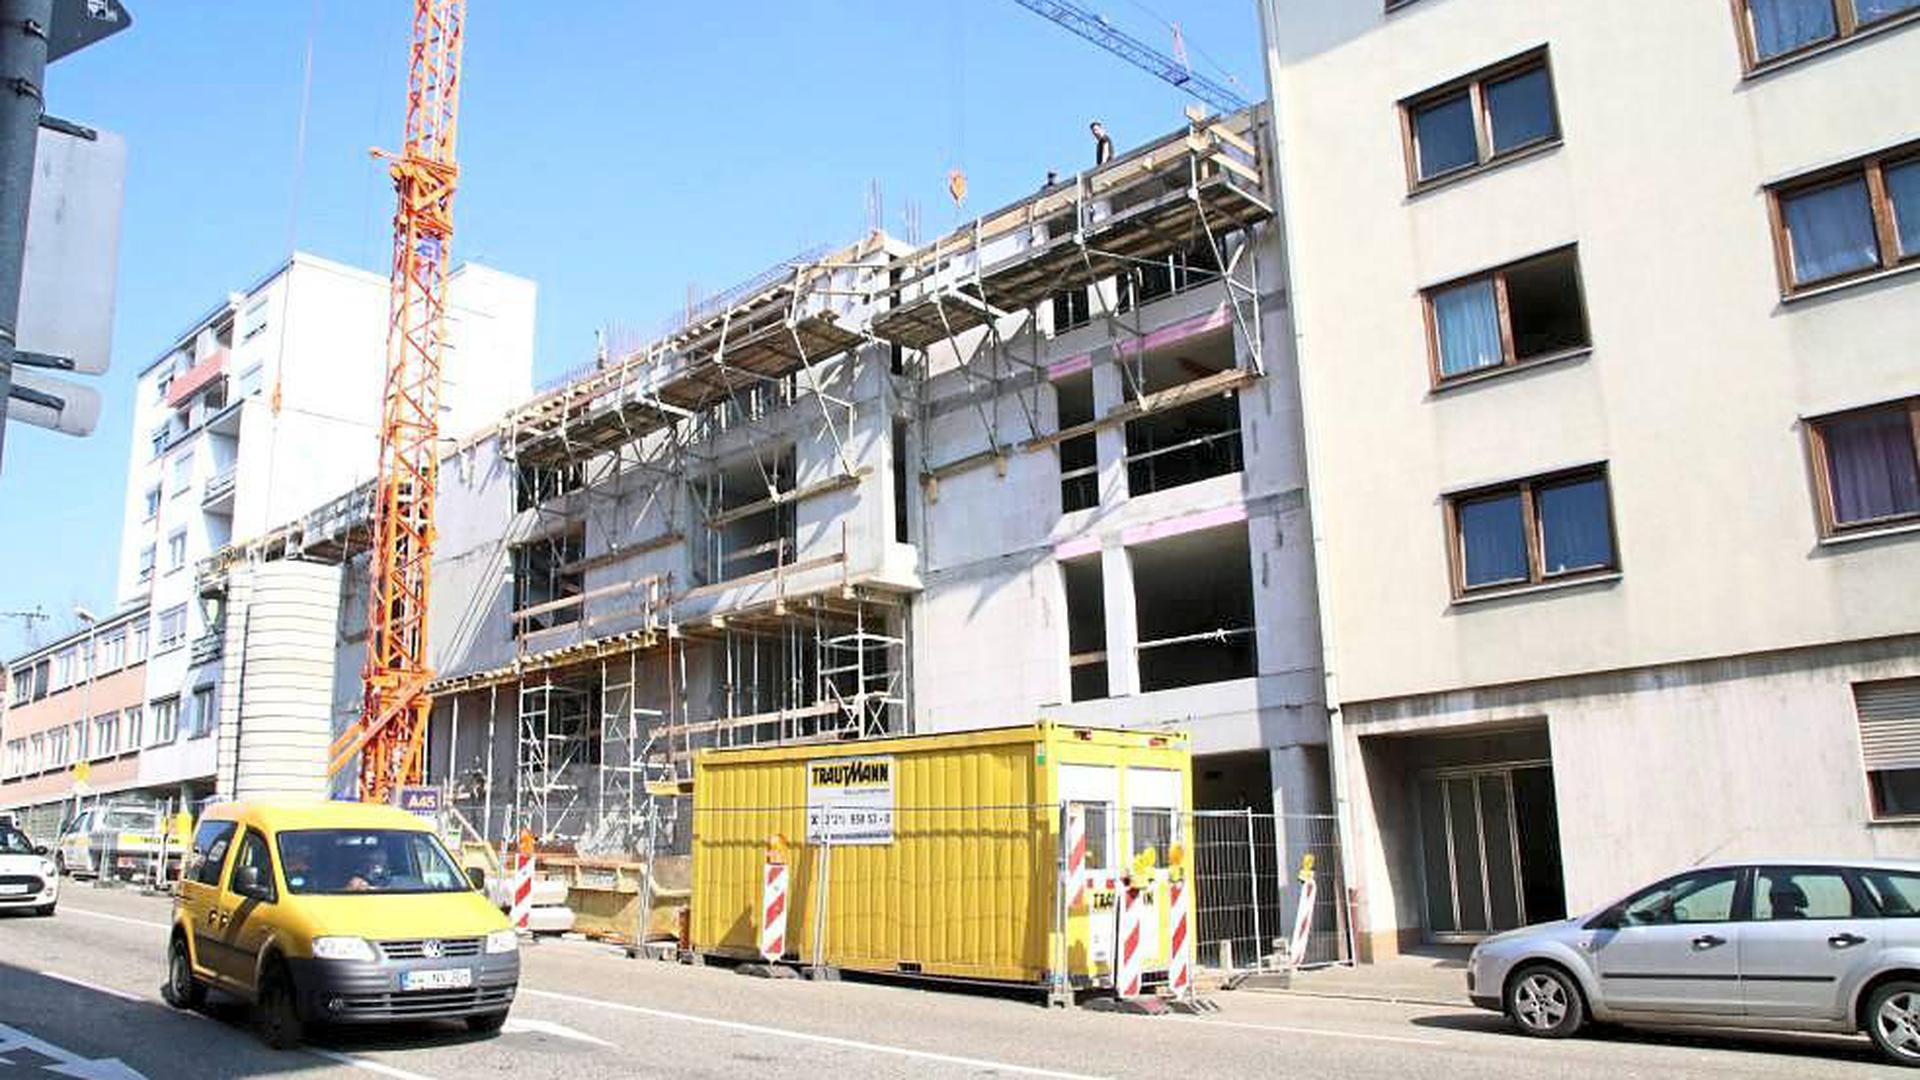 Schluss auf der Baustelle? Baugesellschaften treibt die Sorge um, dass Arbeiter nicht nach Pforzheim kommen können oder Lieferketten brechen.